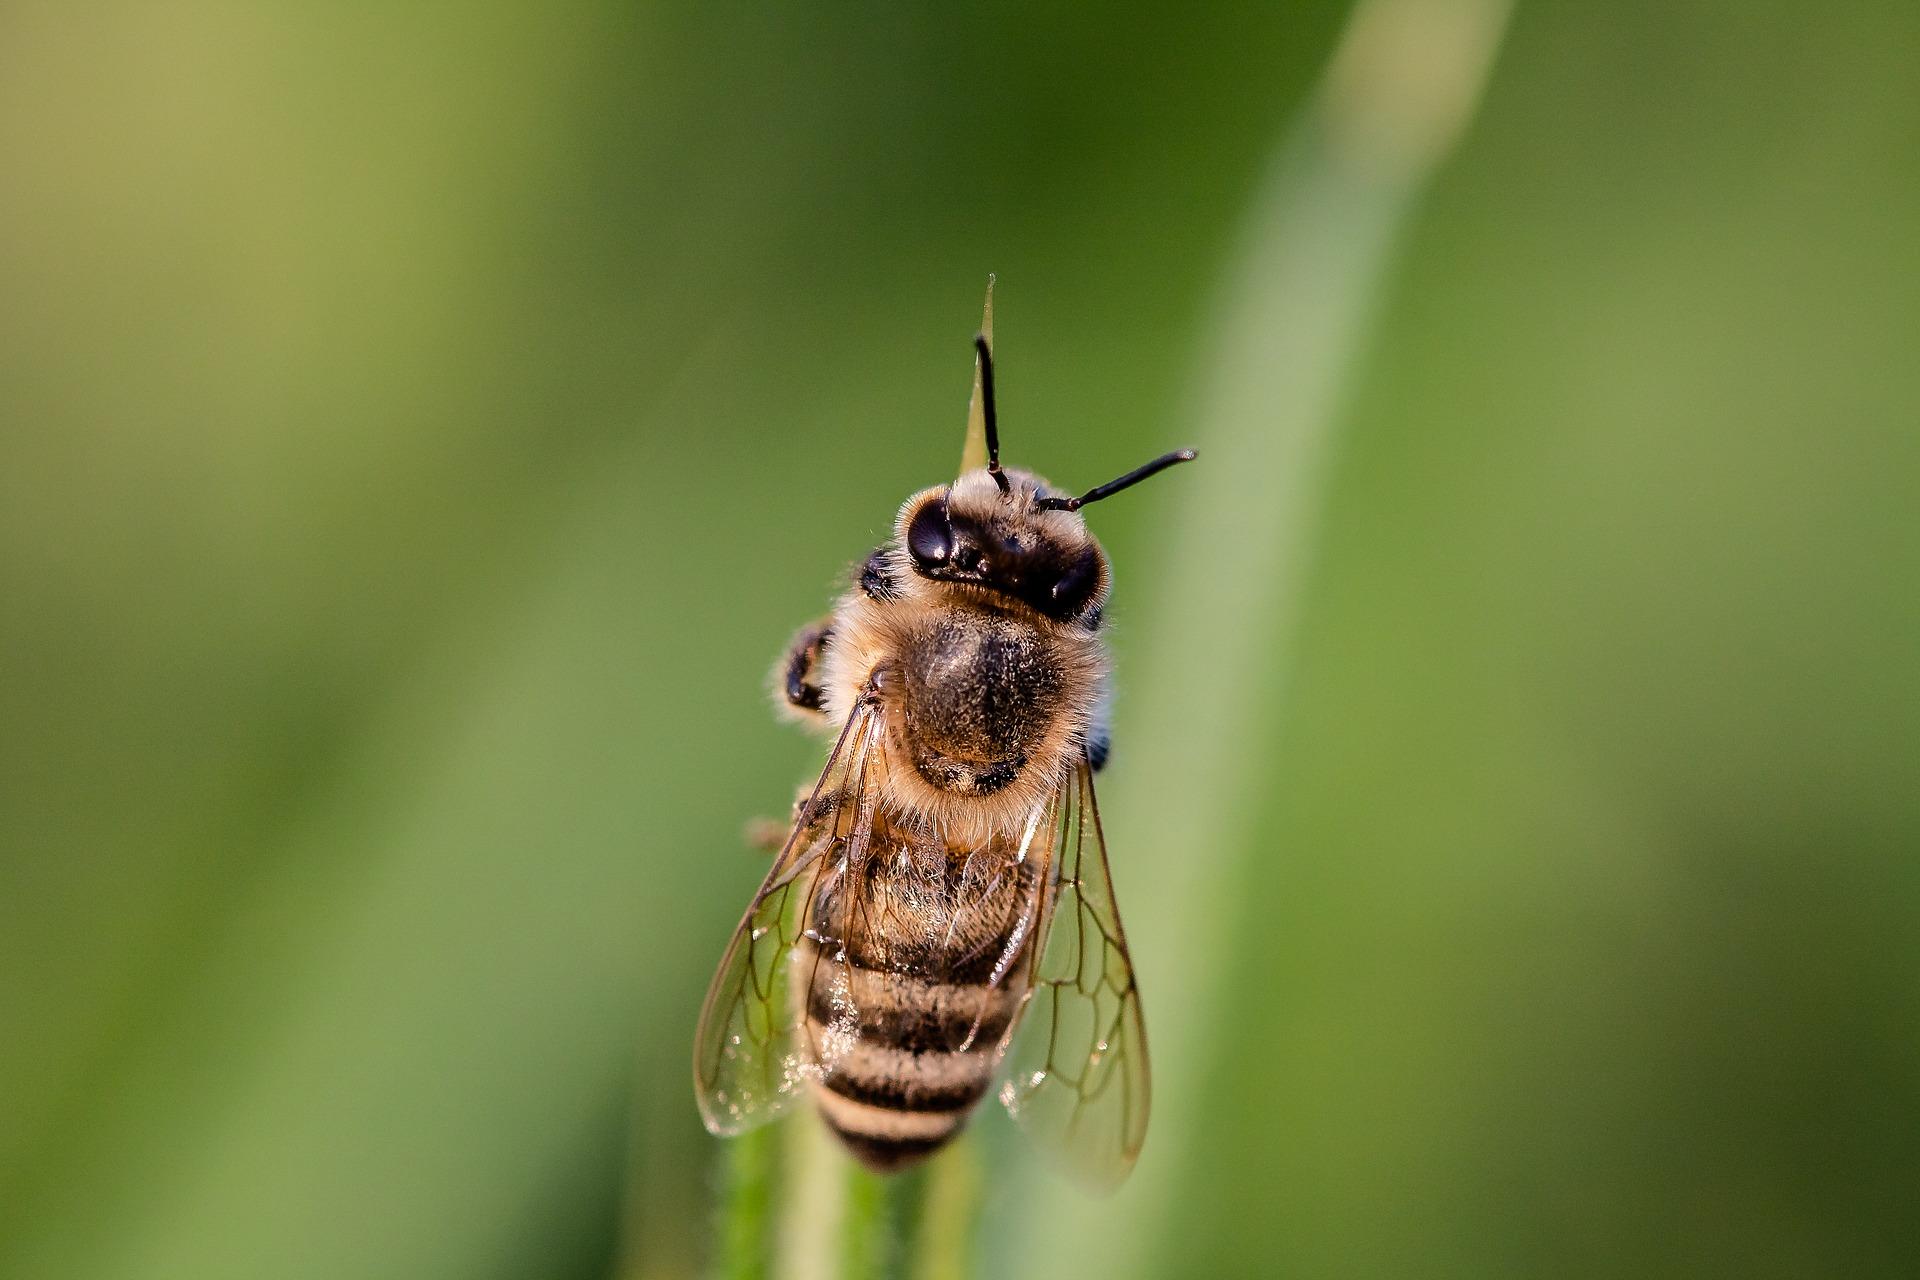 #4 Warum sind die Bienen so wichtig für uns?